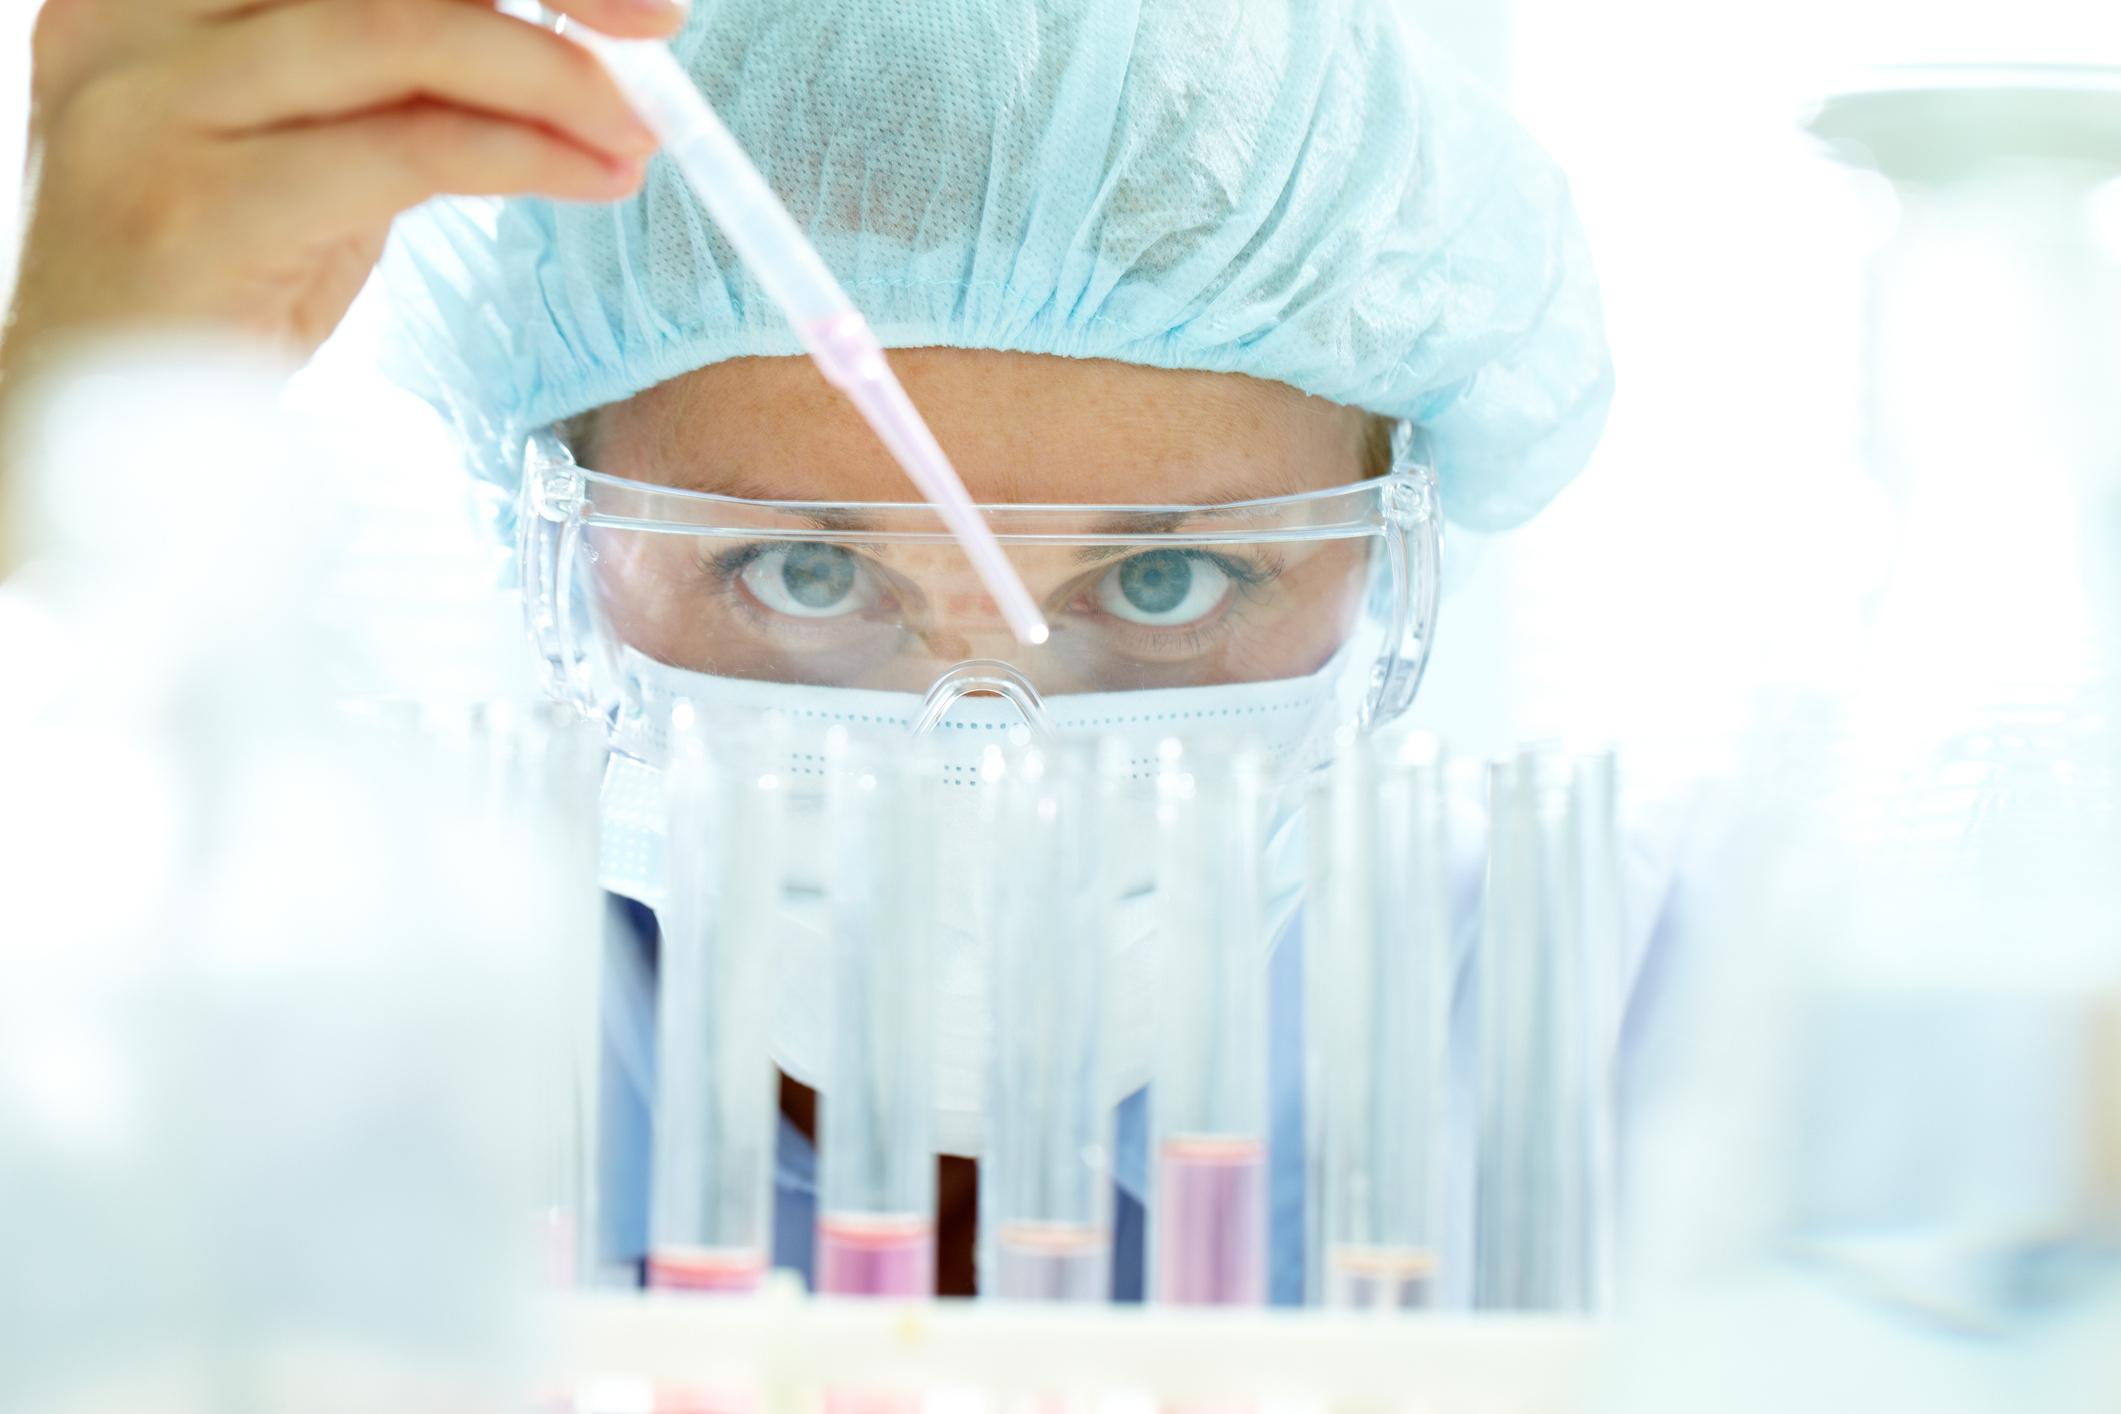 A biotech lab researcher using a dropper.